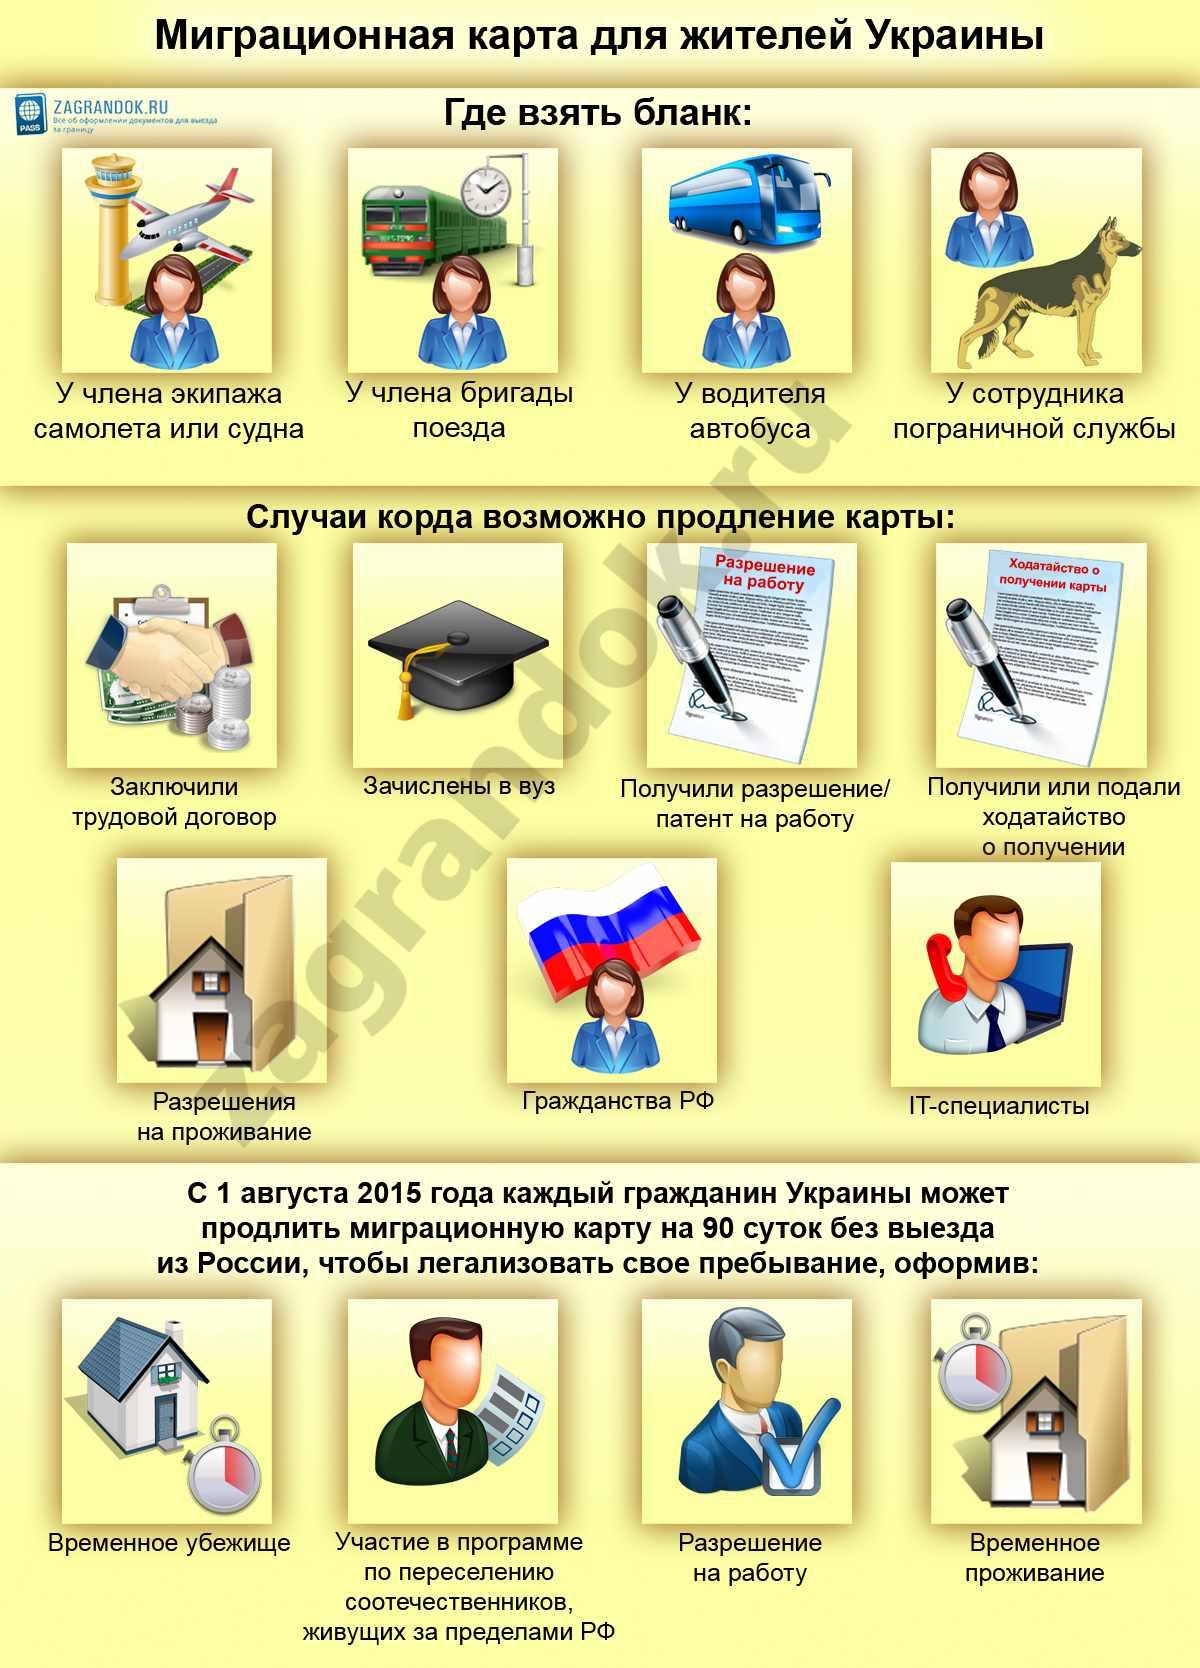 Миграционная карта для жителей Украины